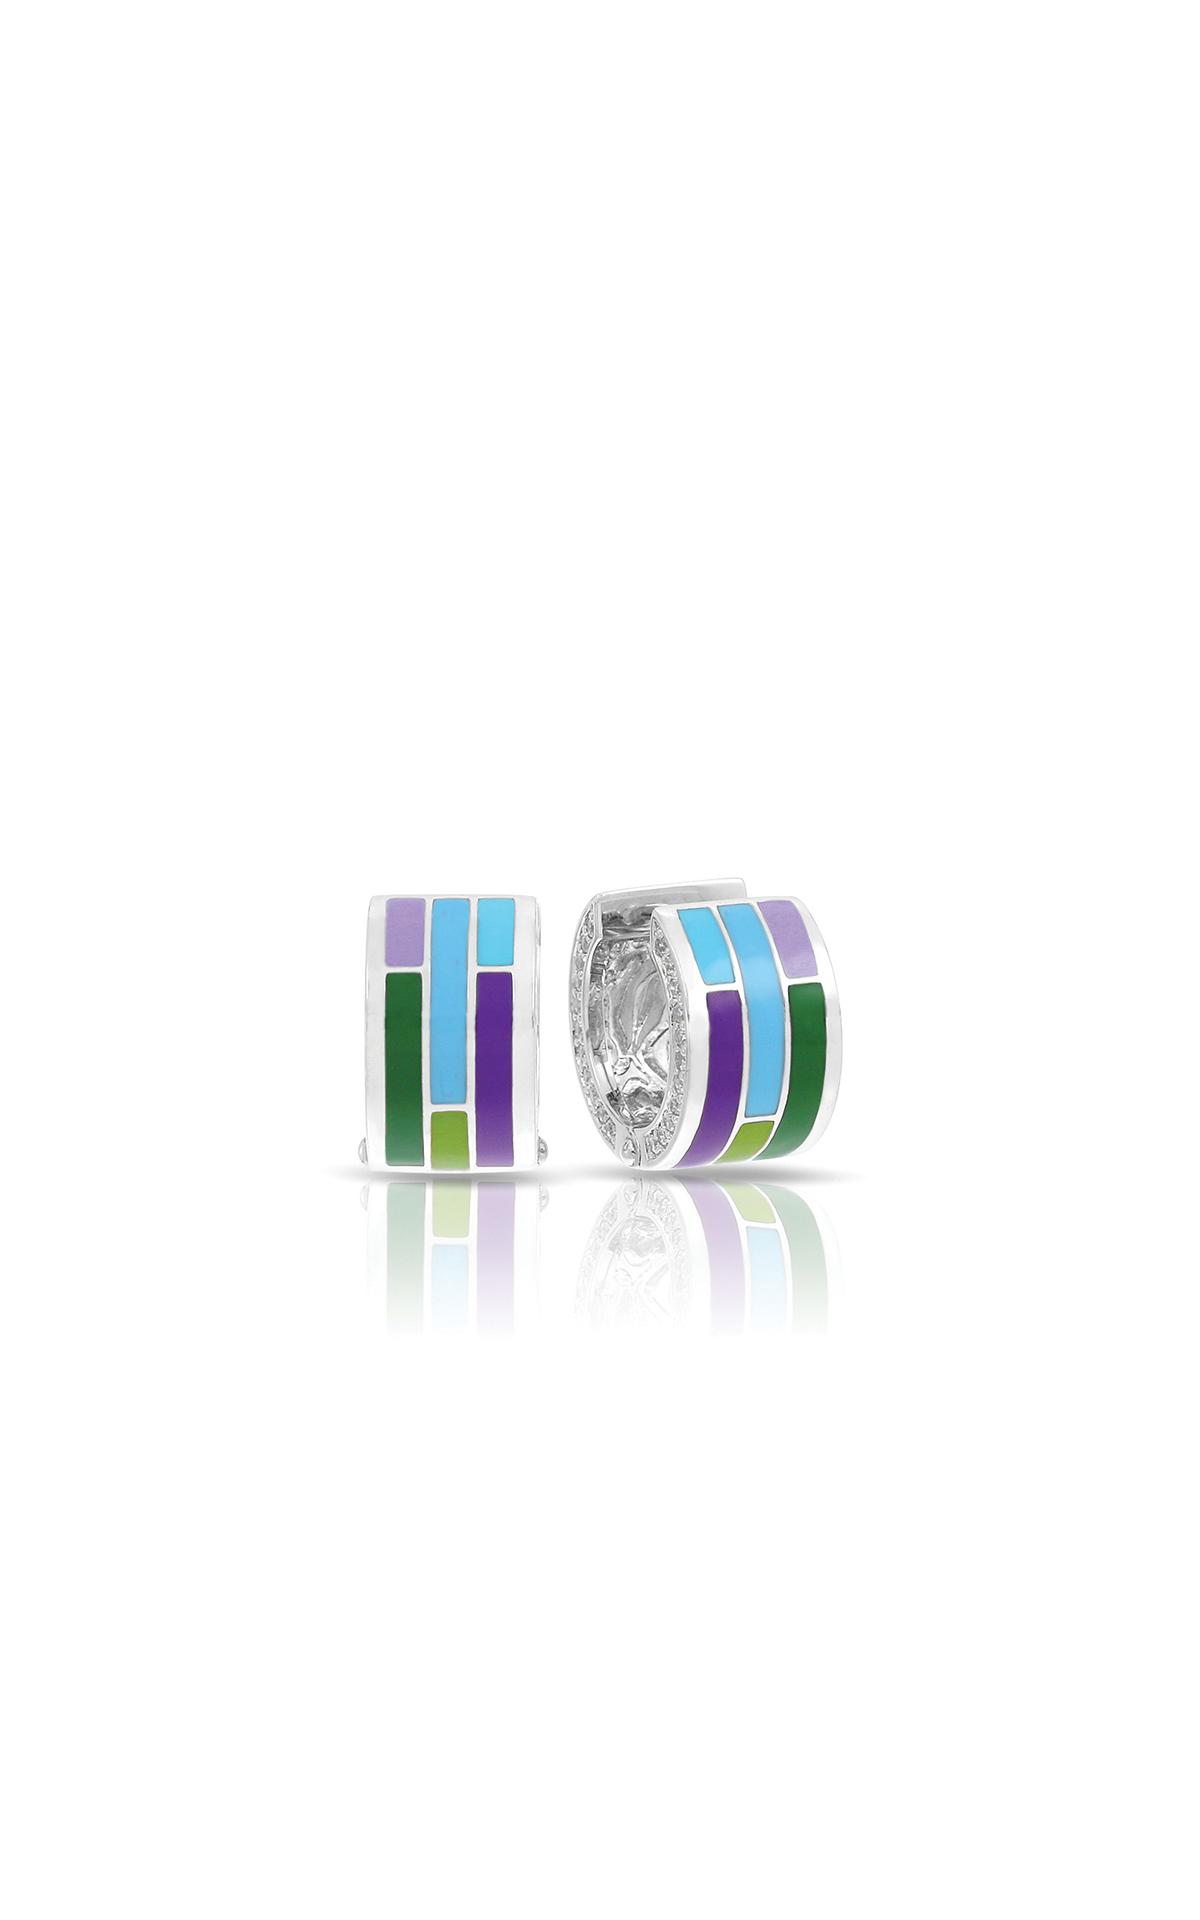 Belle Etoile Strat Blue & Purple Earrings 3021720302 product image